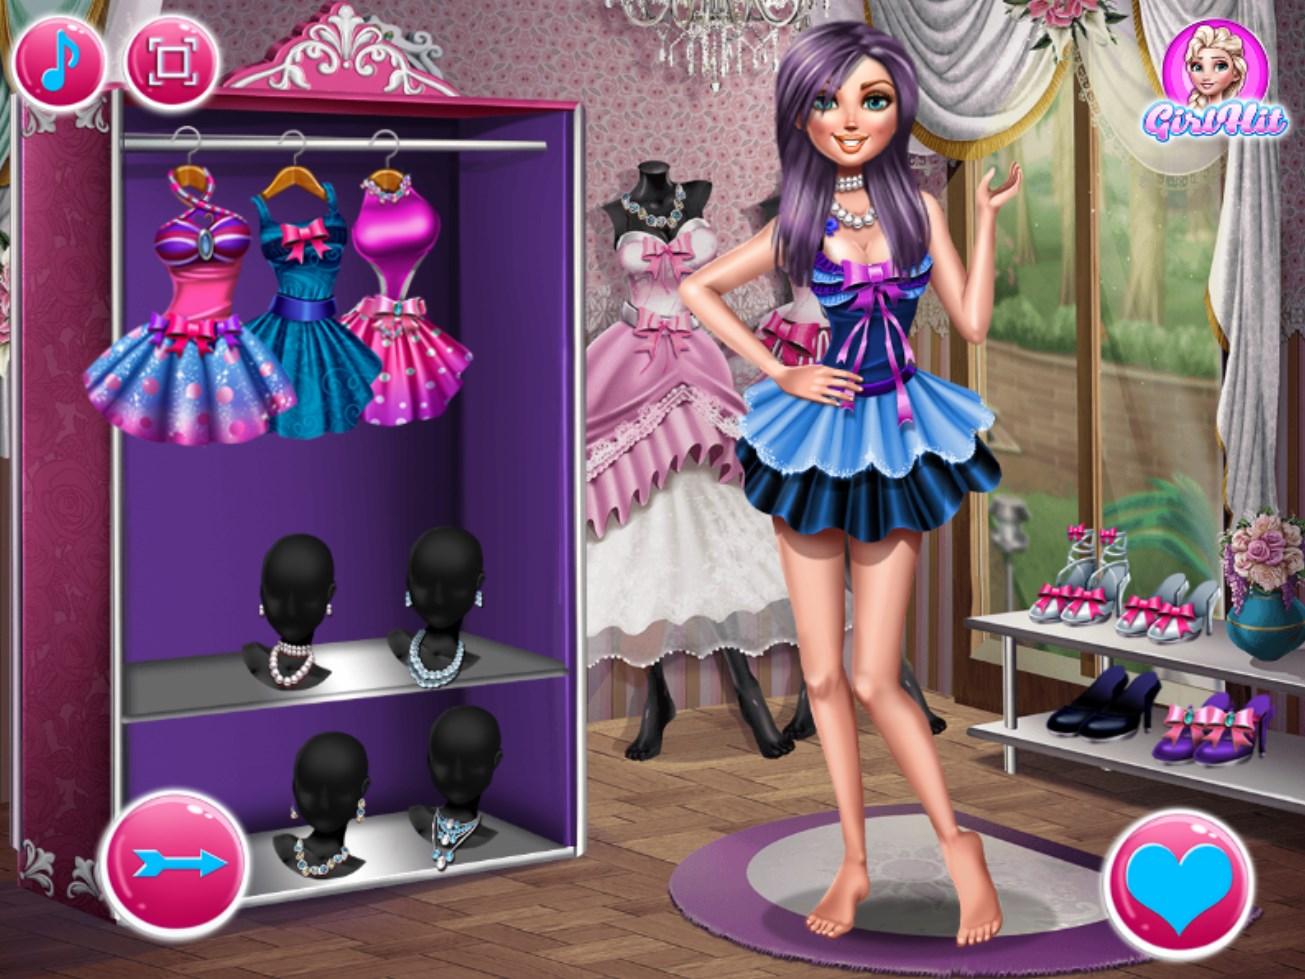 Флеш-игры для девочек одевалки макияж